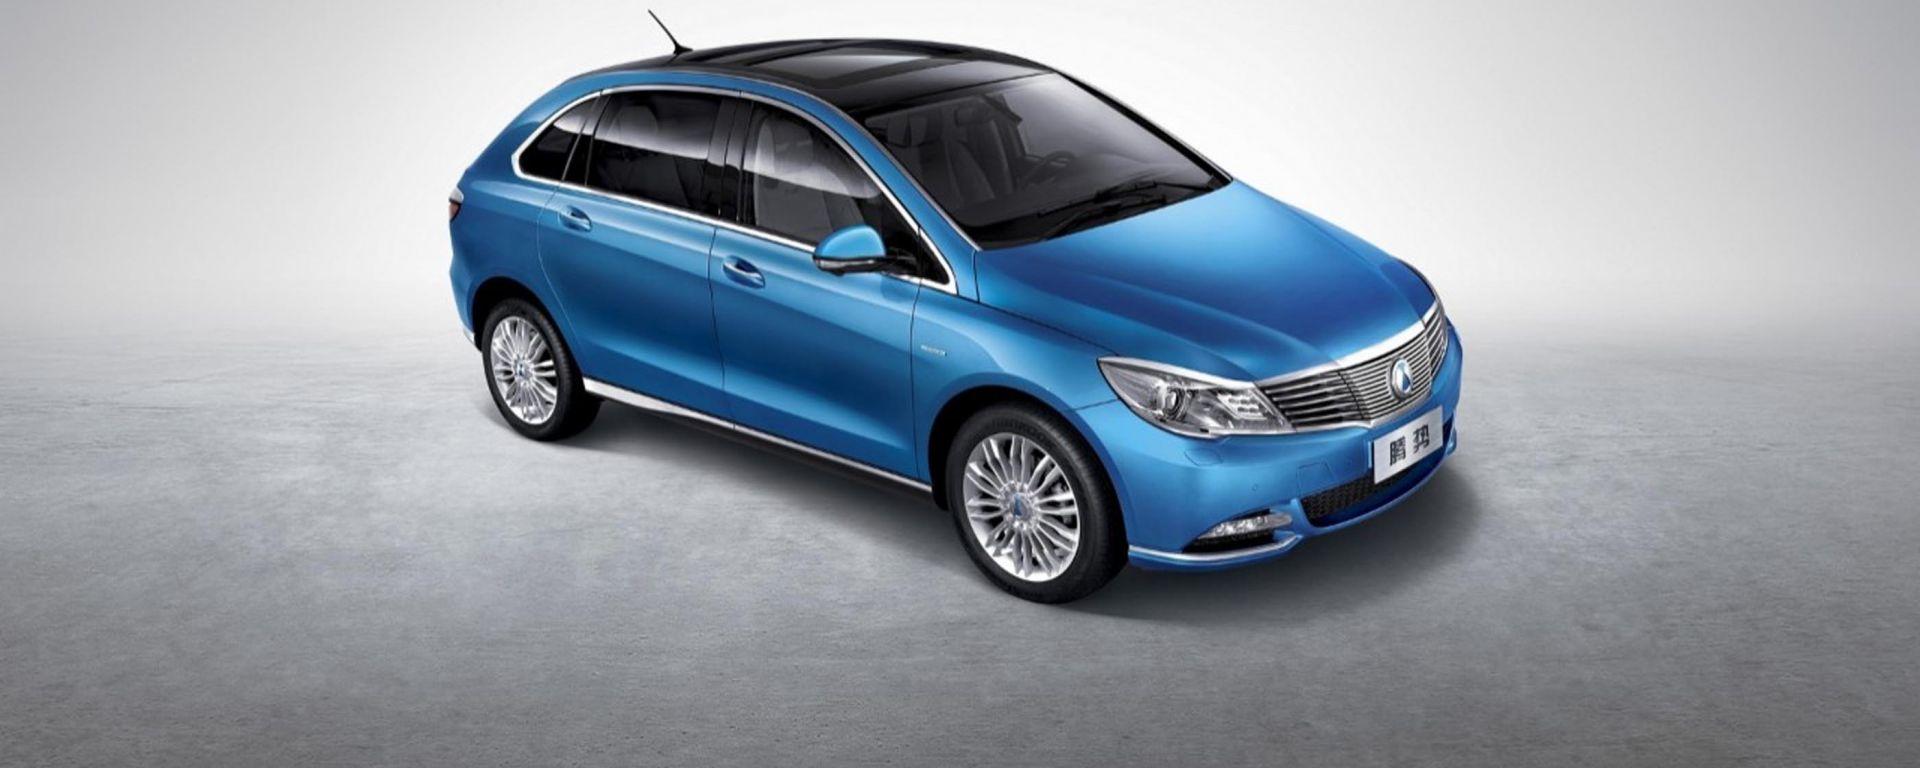 Denza 400 Ev: 400 km di autonomia per l'elettrica nata dalla joint venture formata da Daimler e BYD